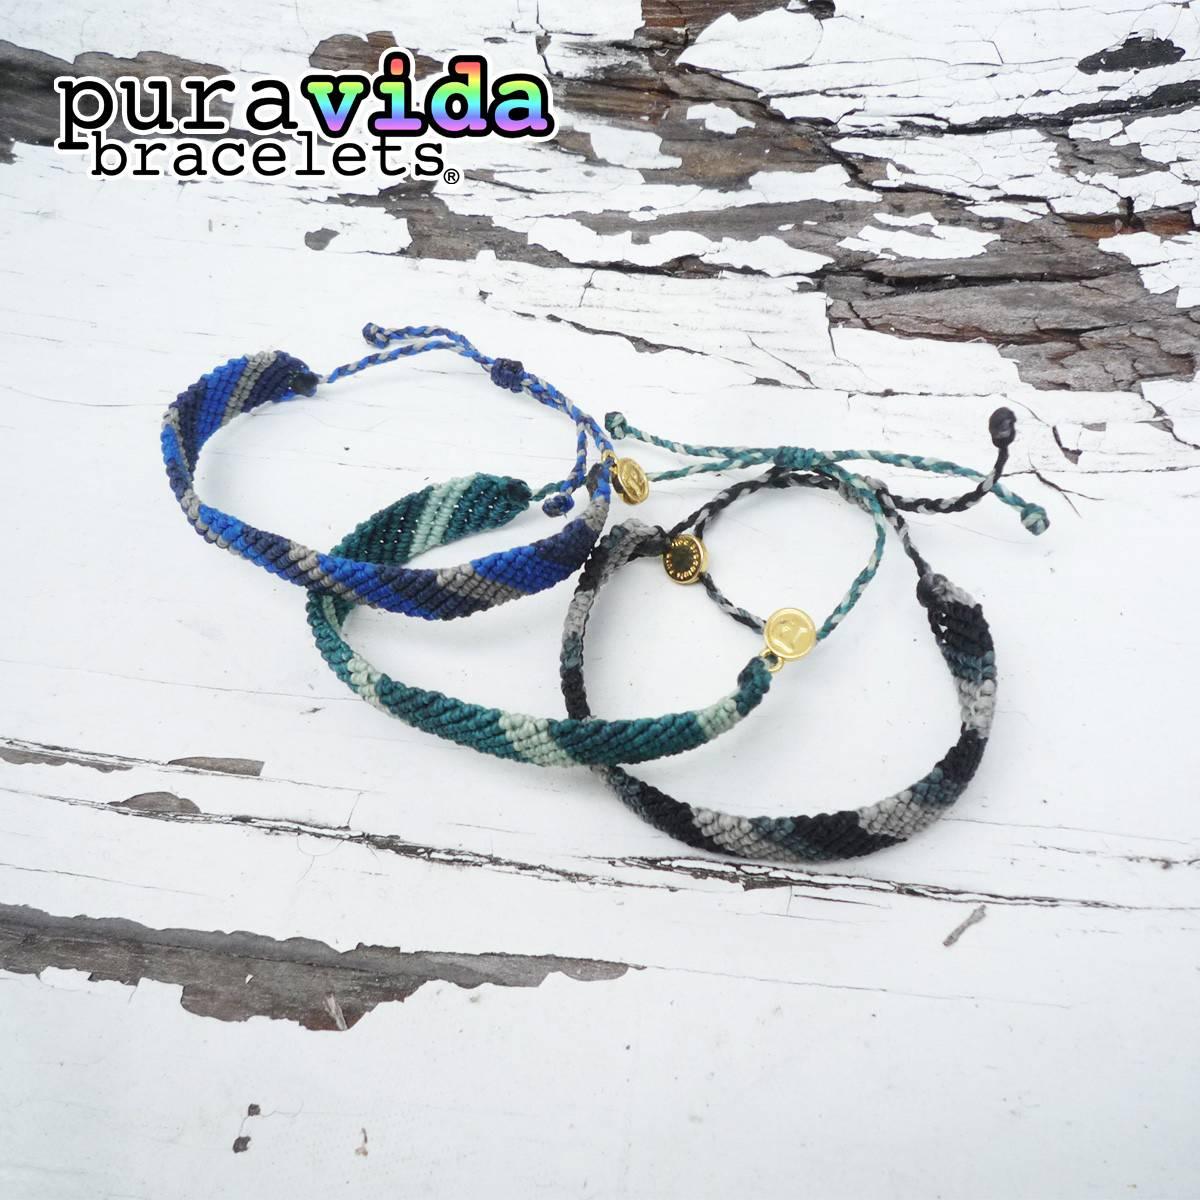 puravida bracelets プラヴィダ ブレスレット フラットブレイデッド バンドカラー